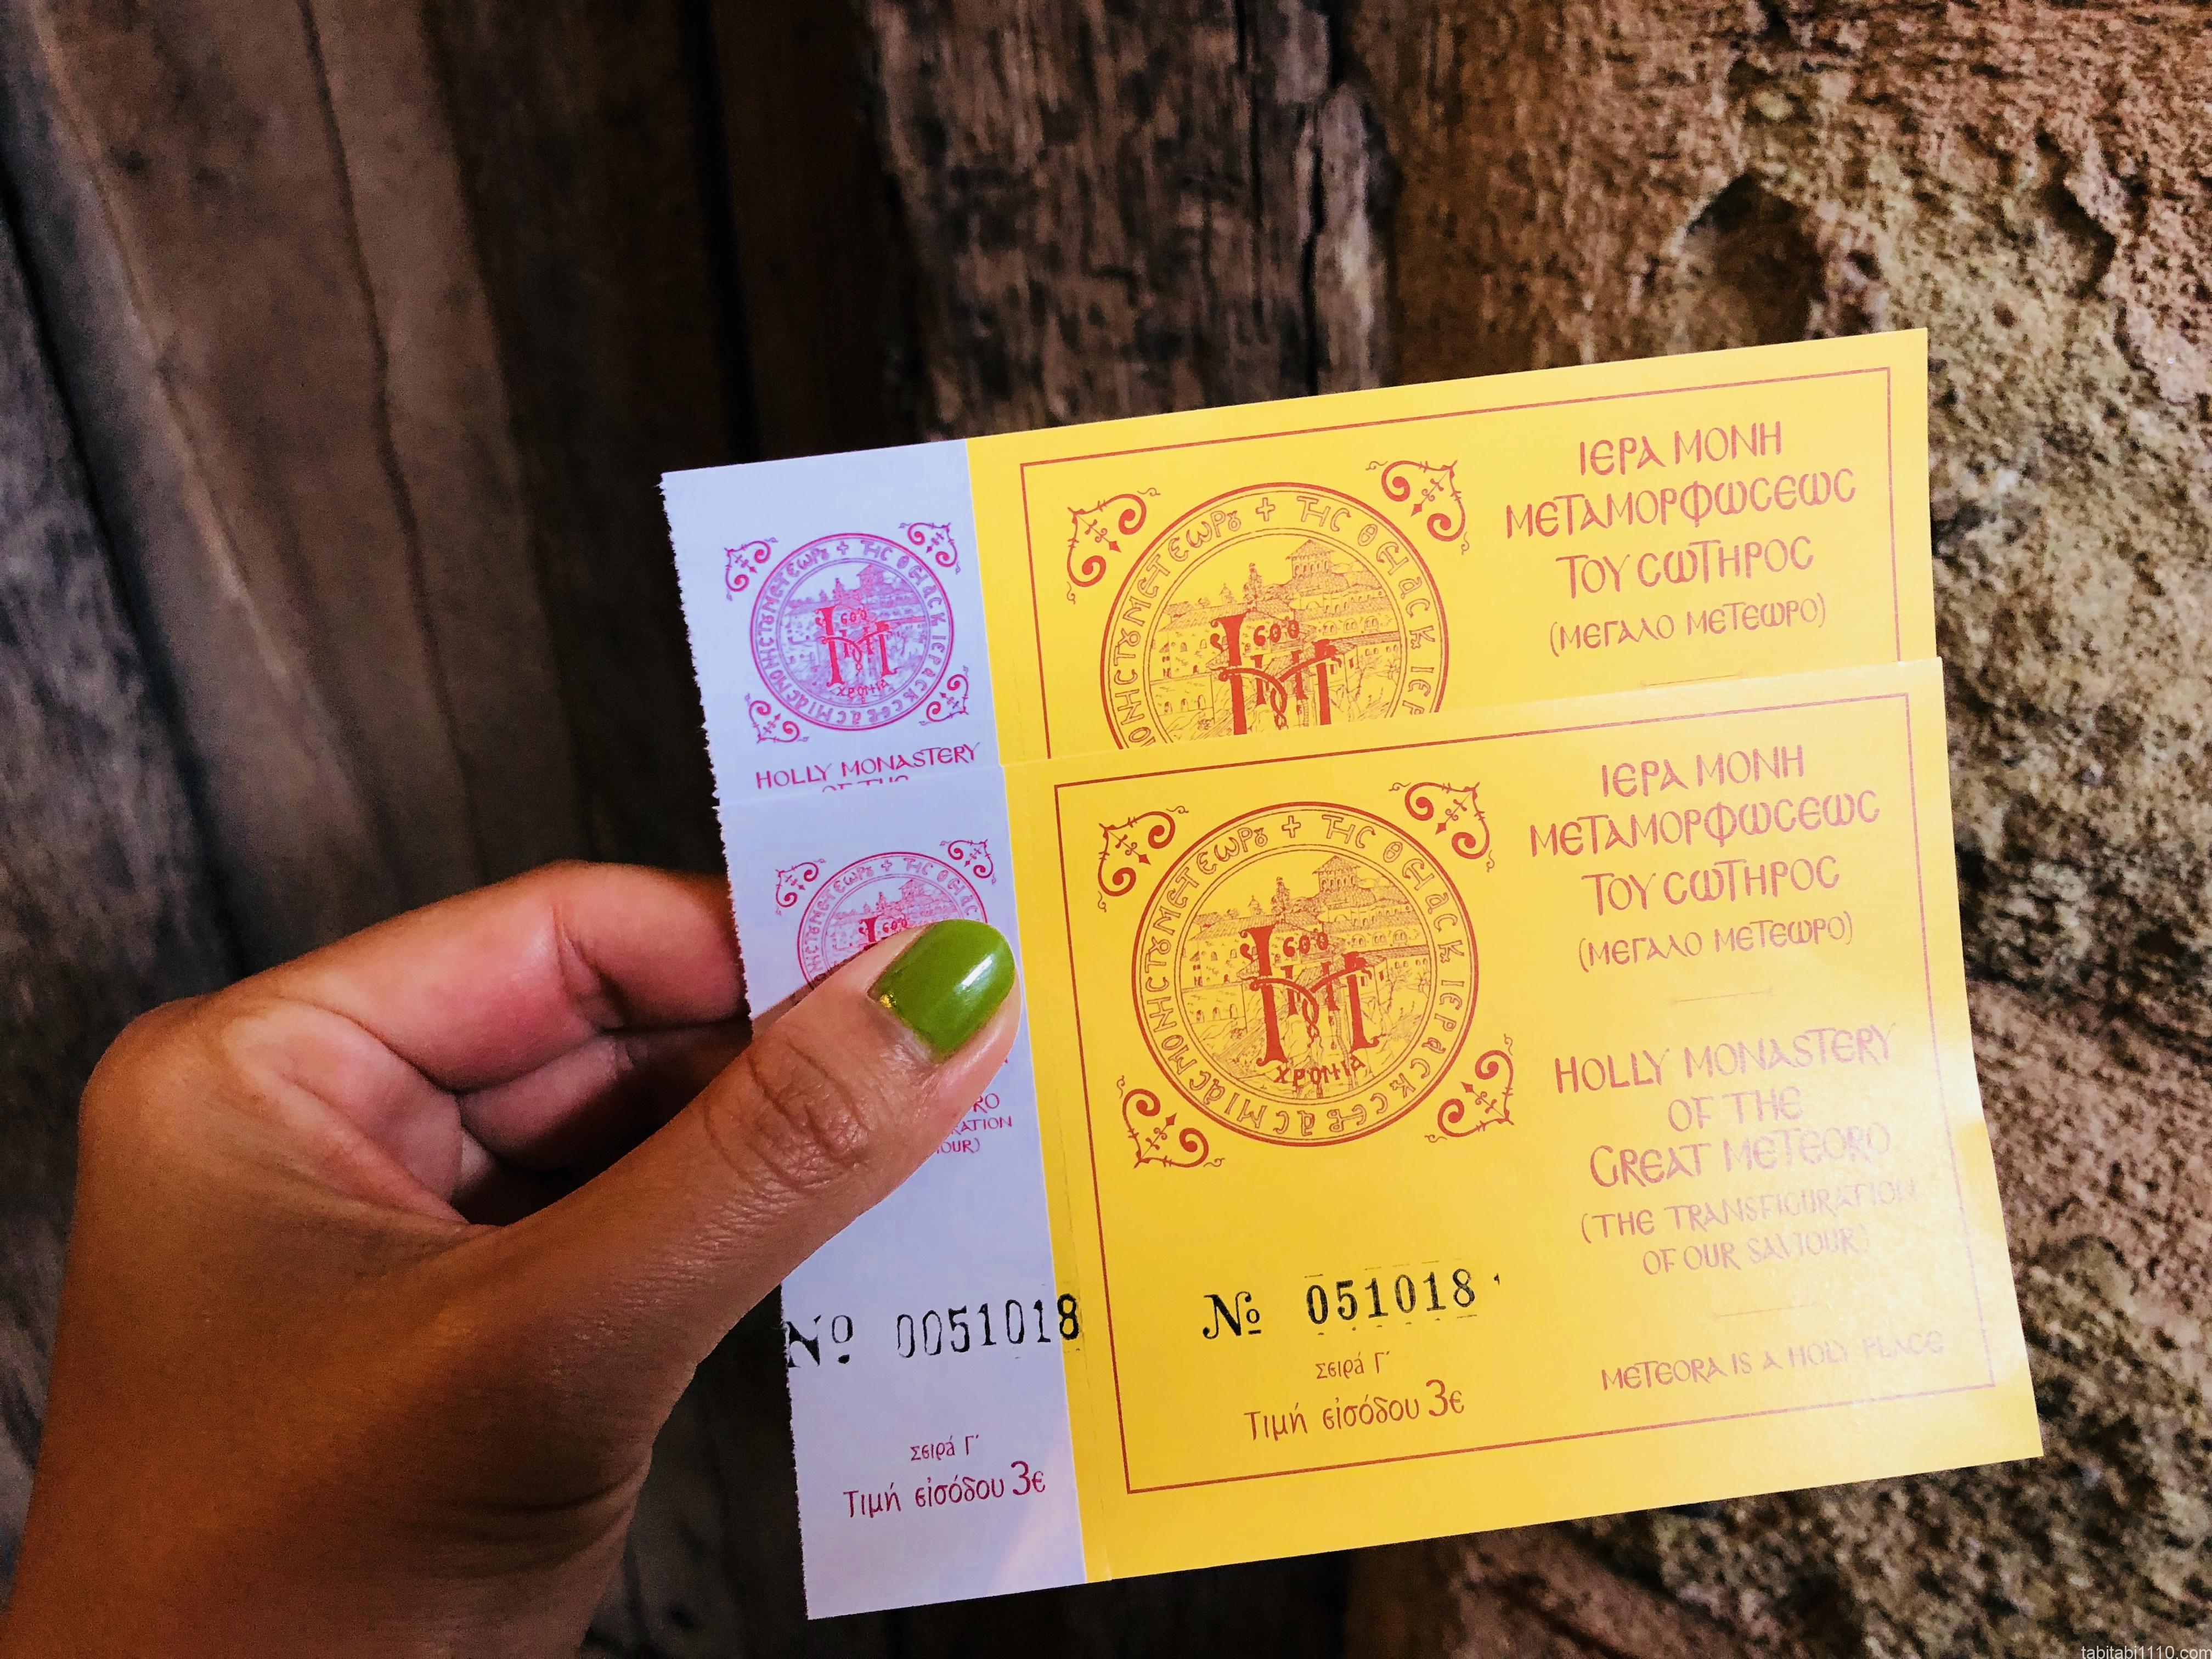 メガロ・メテオロン修道院|チケット